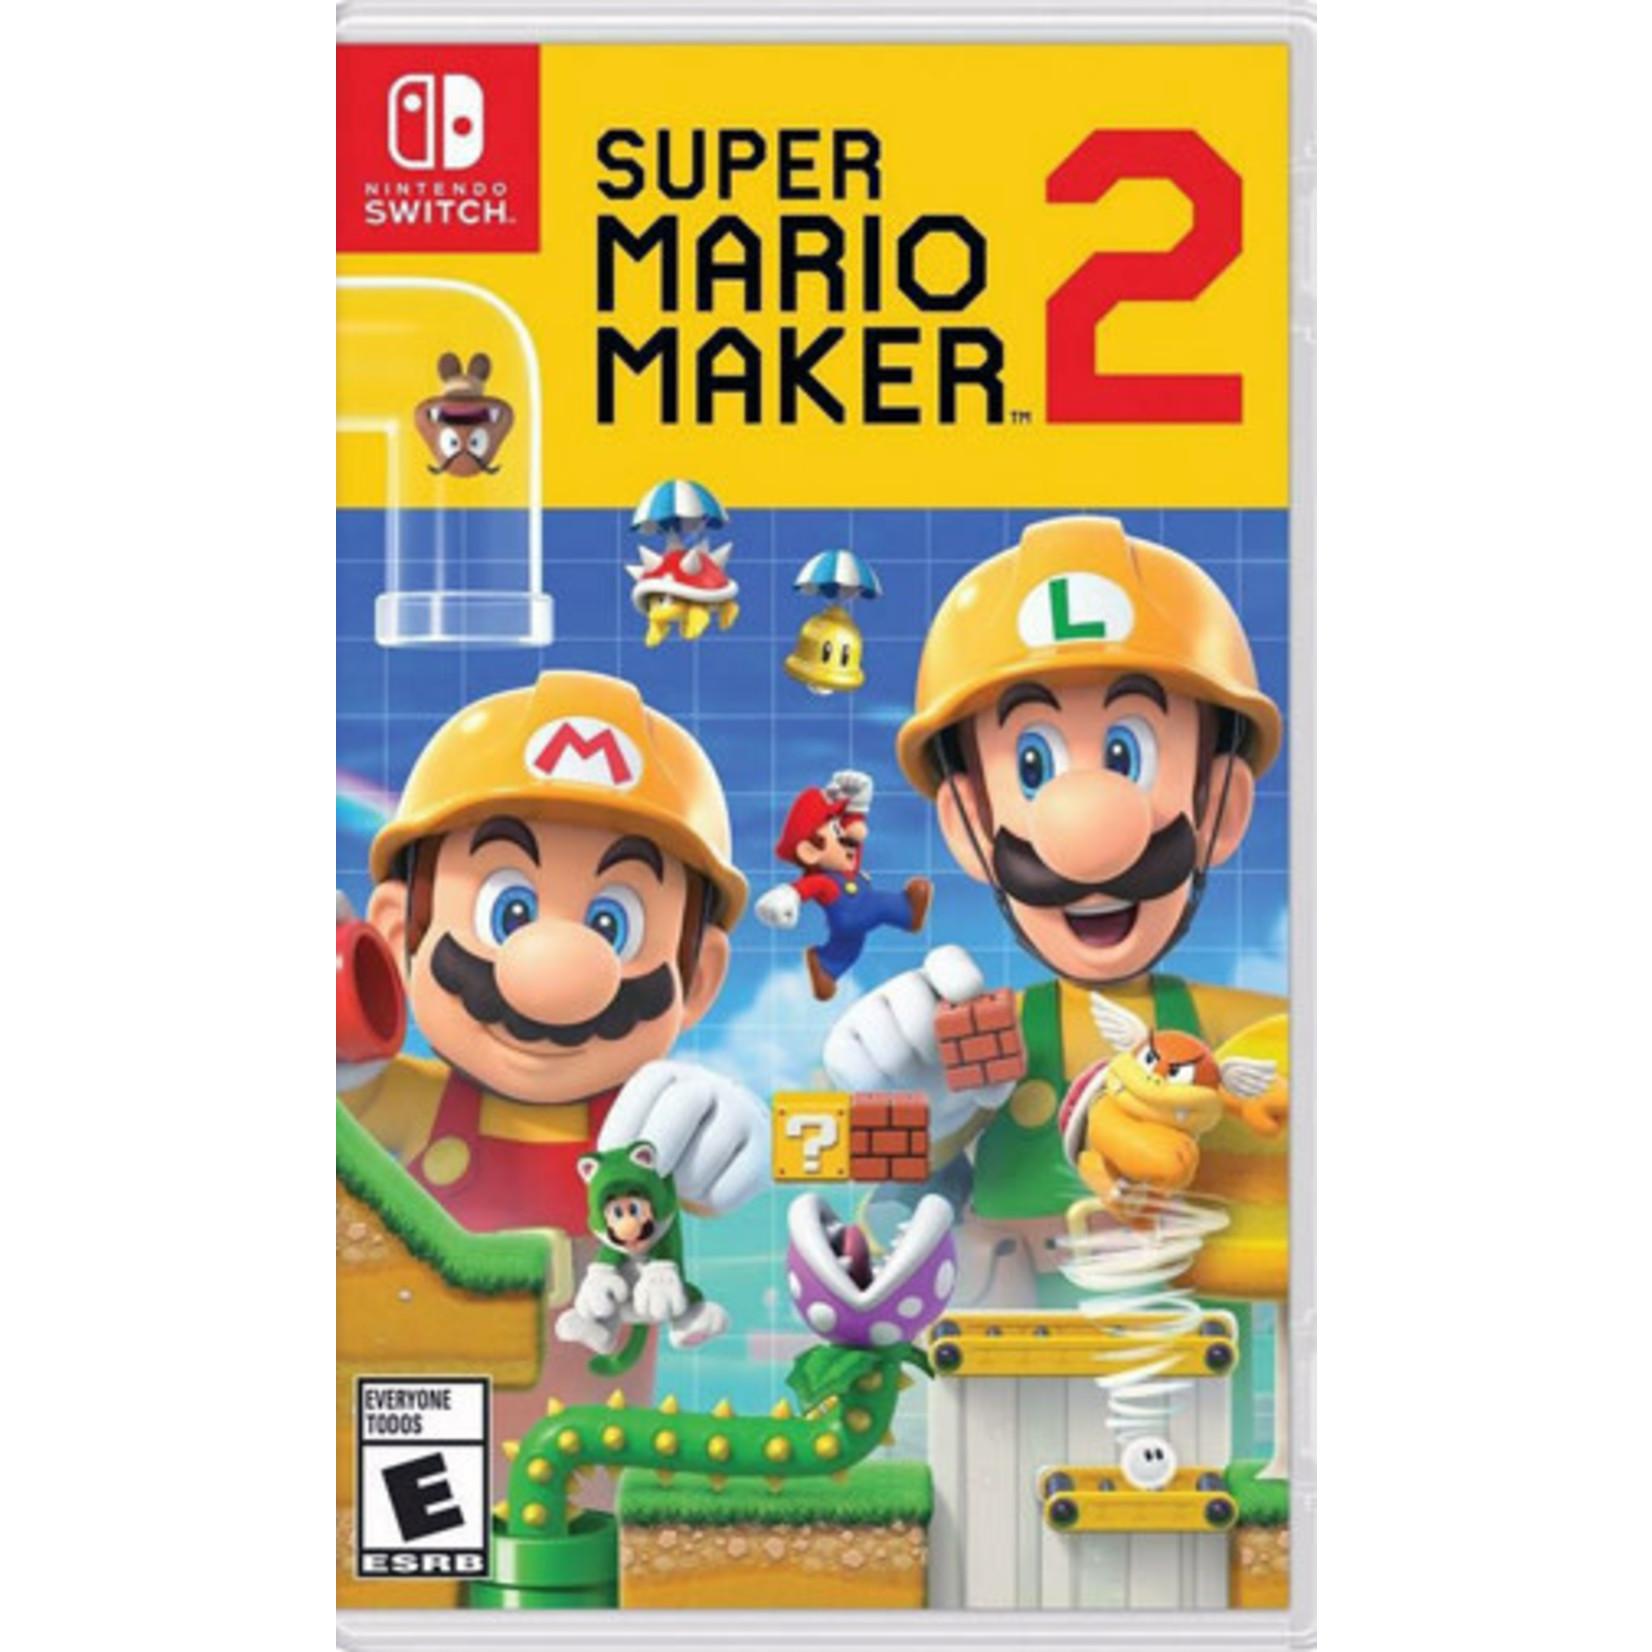 SWITCH-Super Mario Maker 2